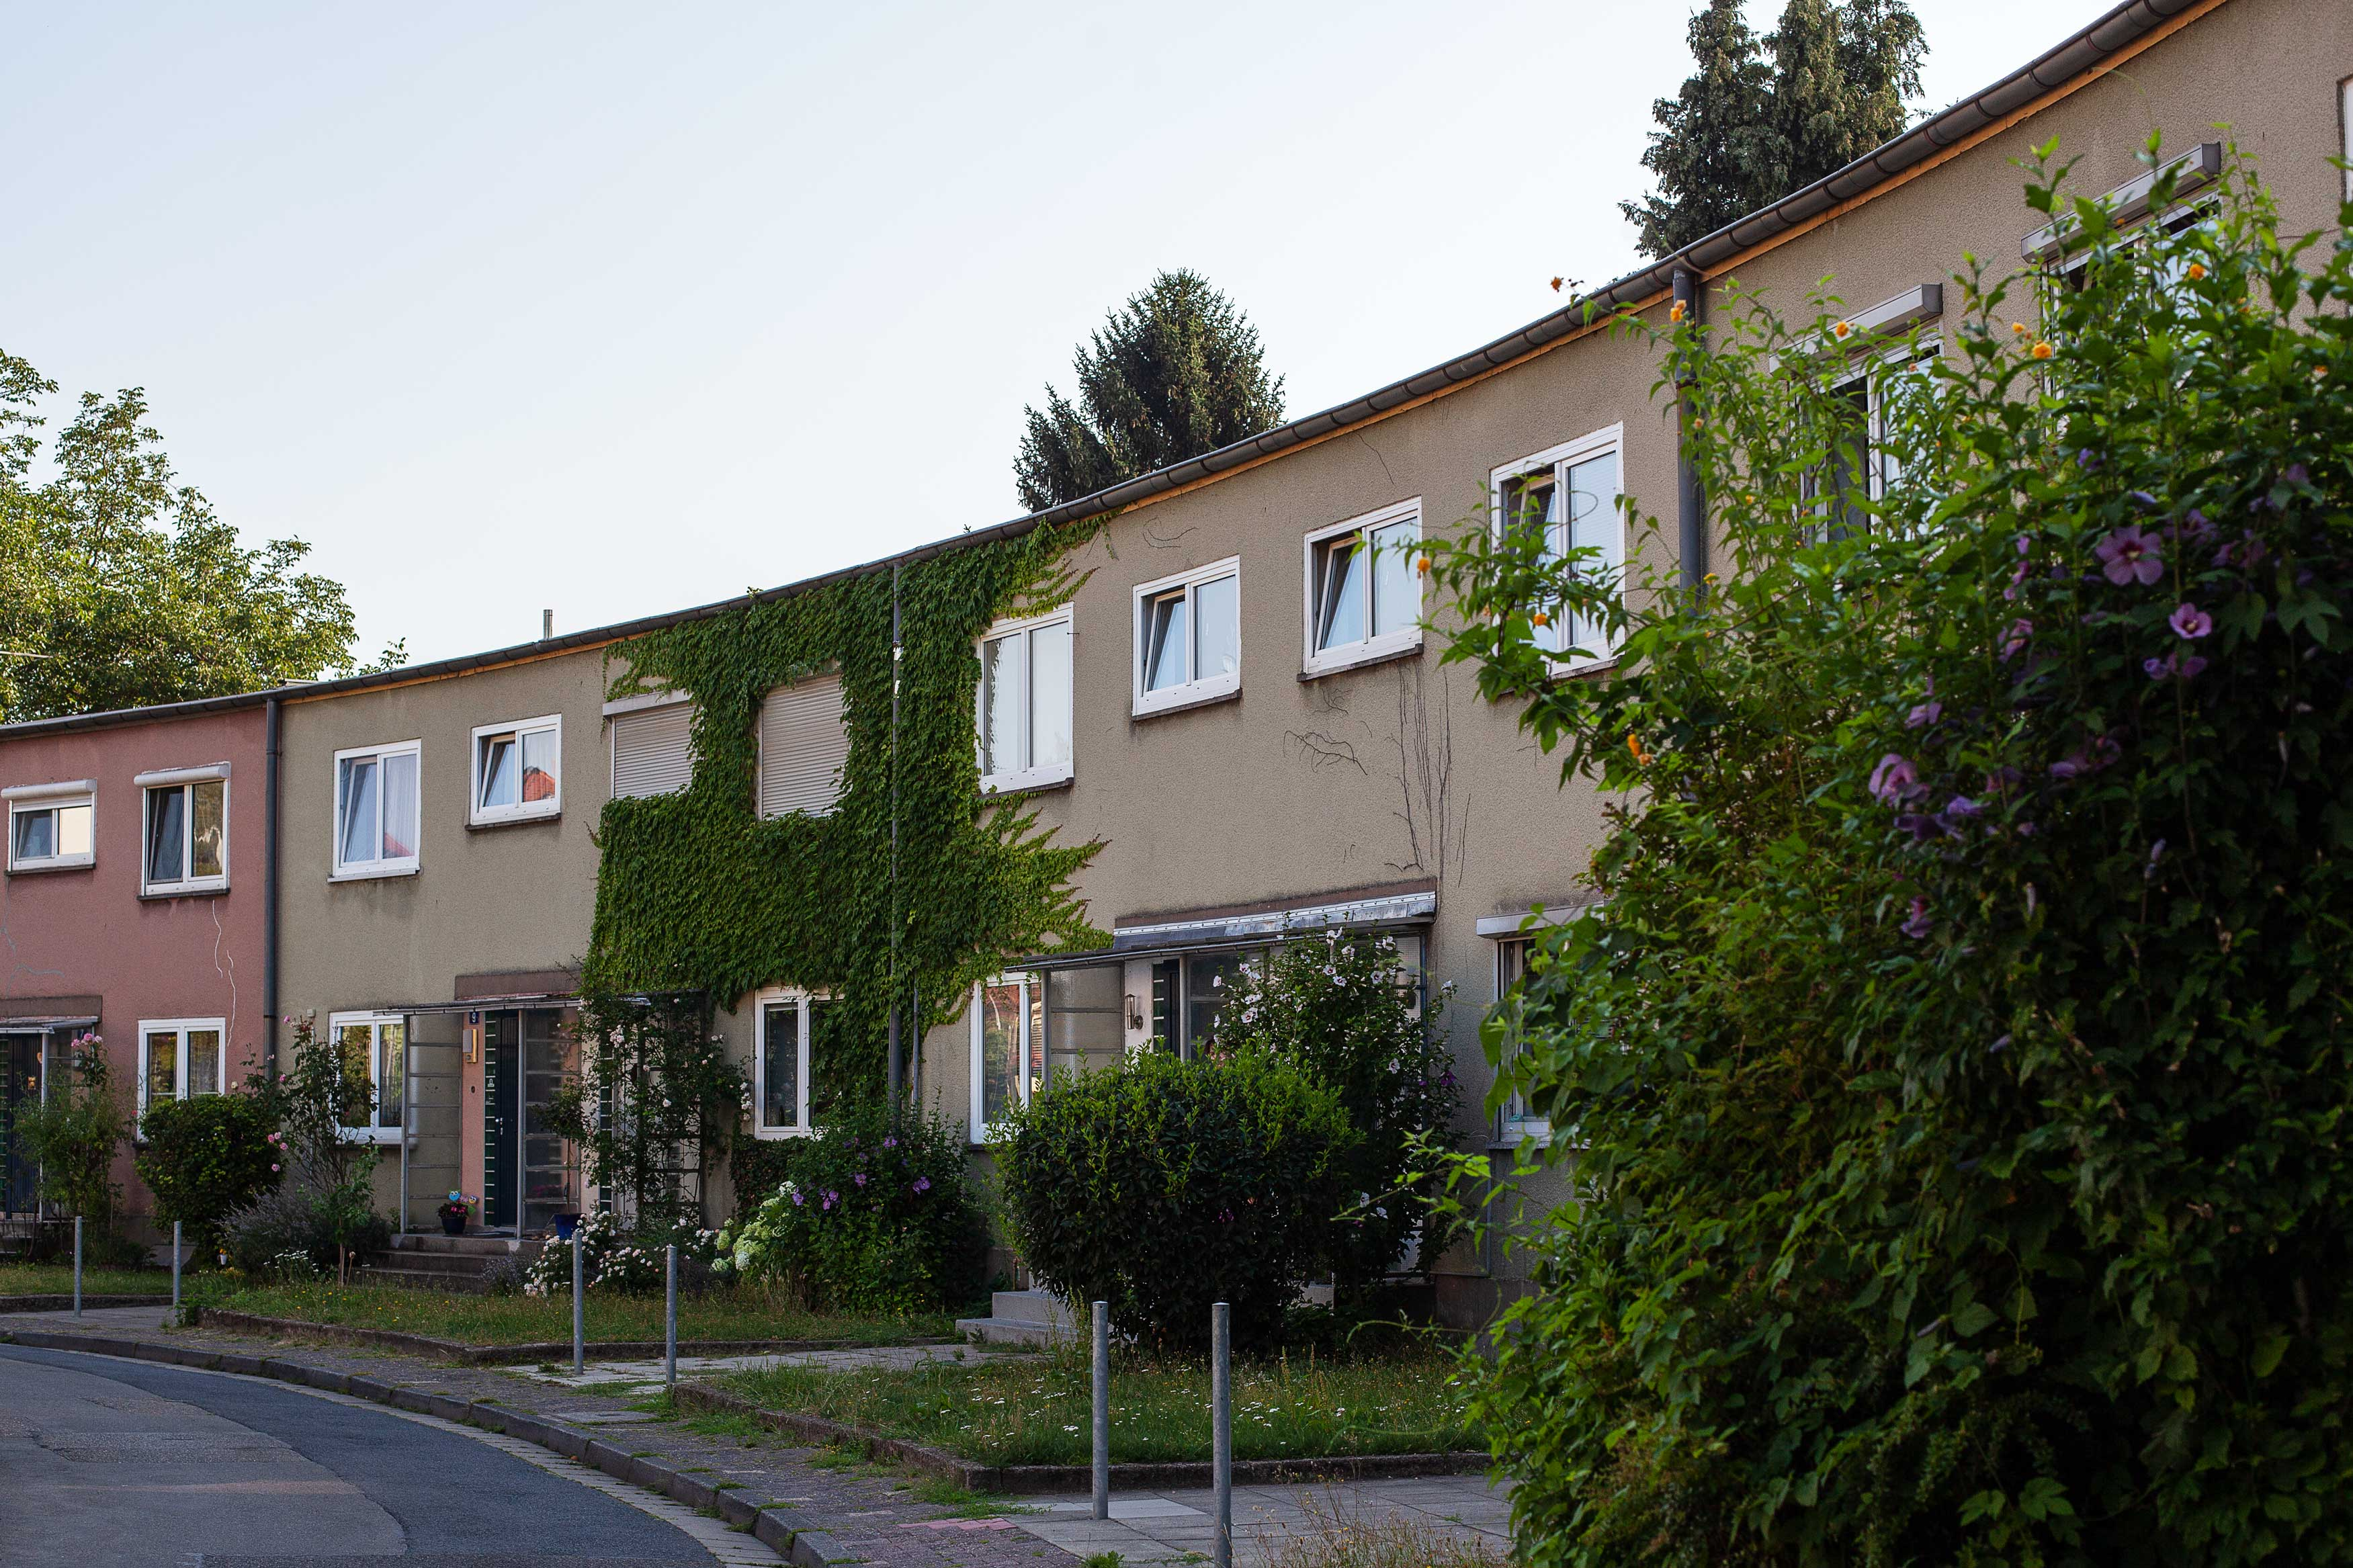 Reihenhäuser mit Vorgärten in Frankfurt-Heddernheim